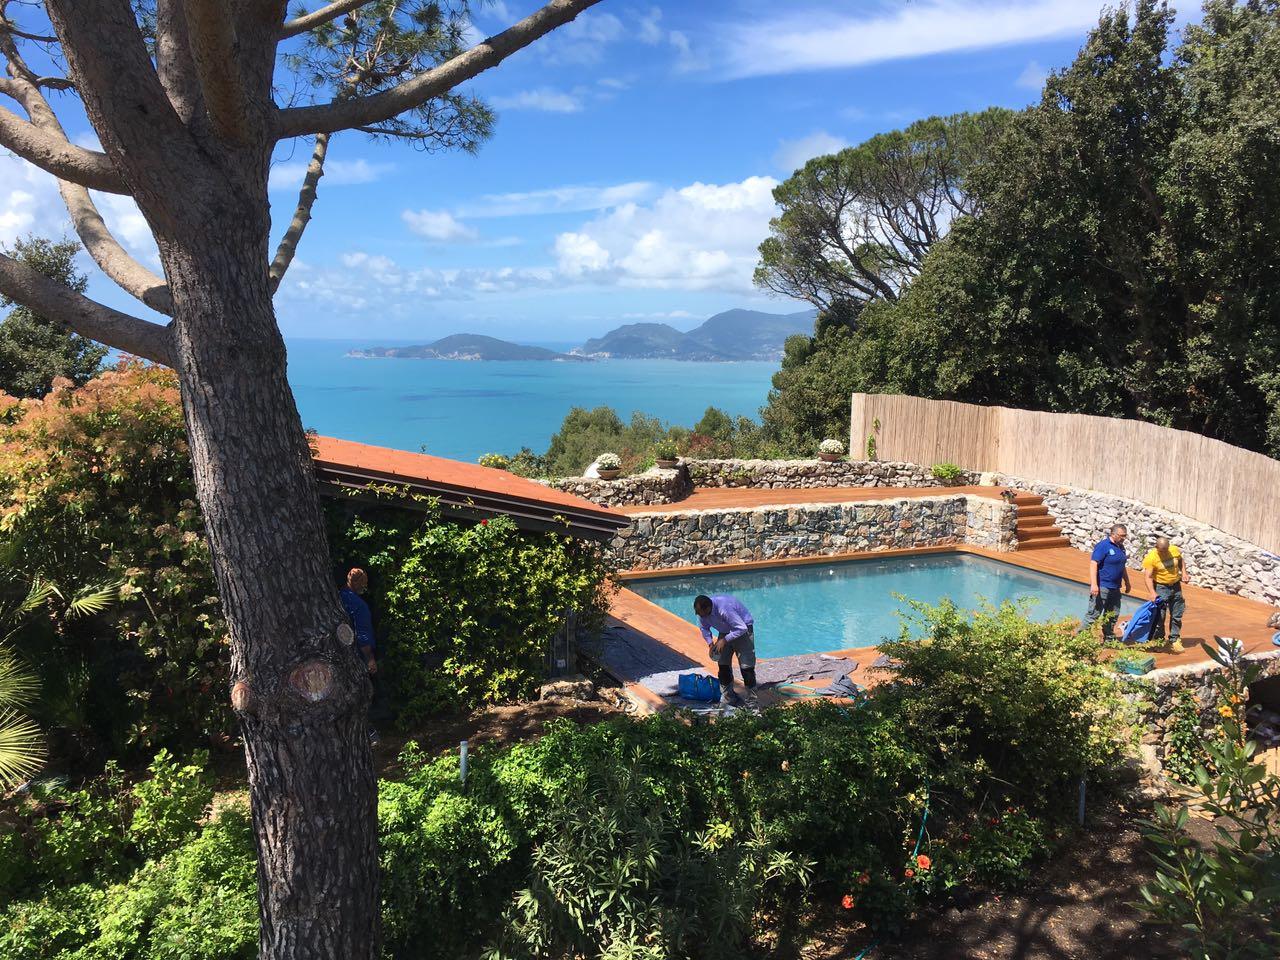 4. Realizzazione piscina interrata scoperta, vista con panorama lato mare: lavori ultimati.